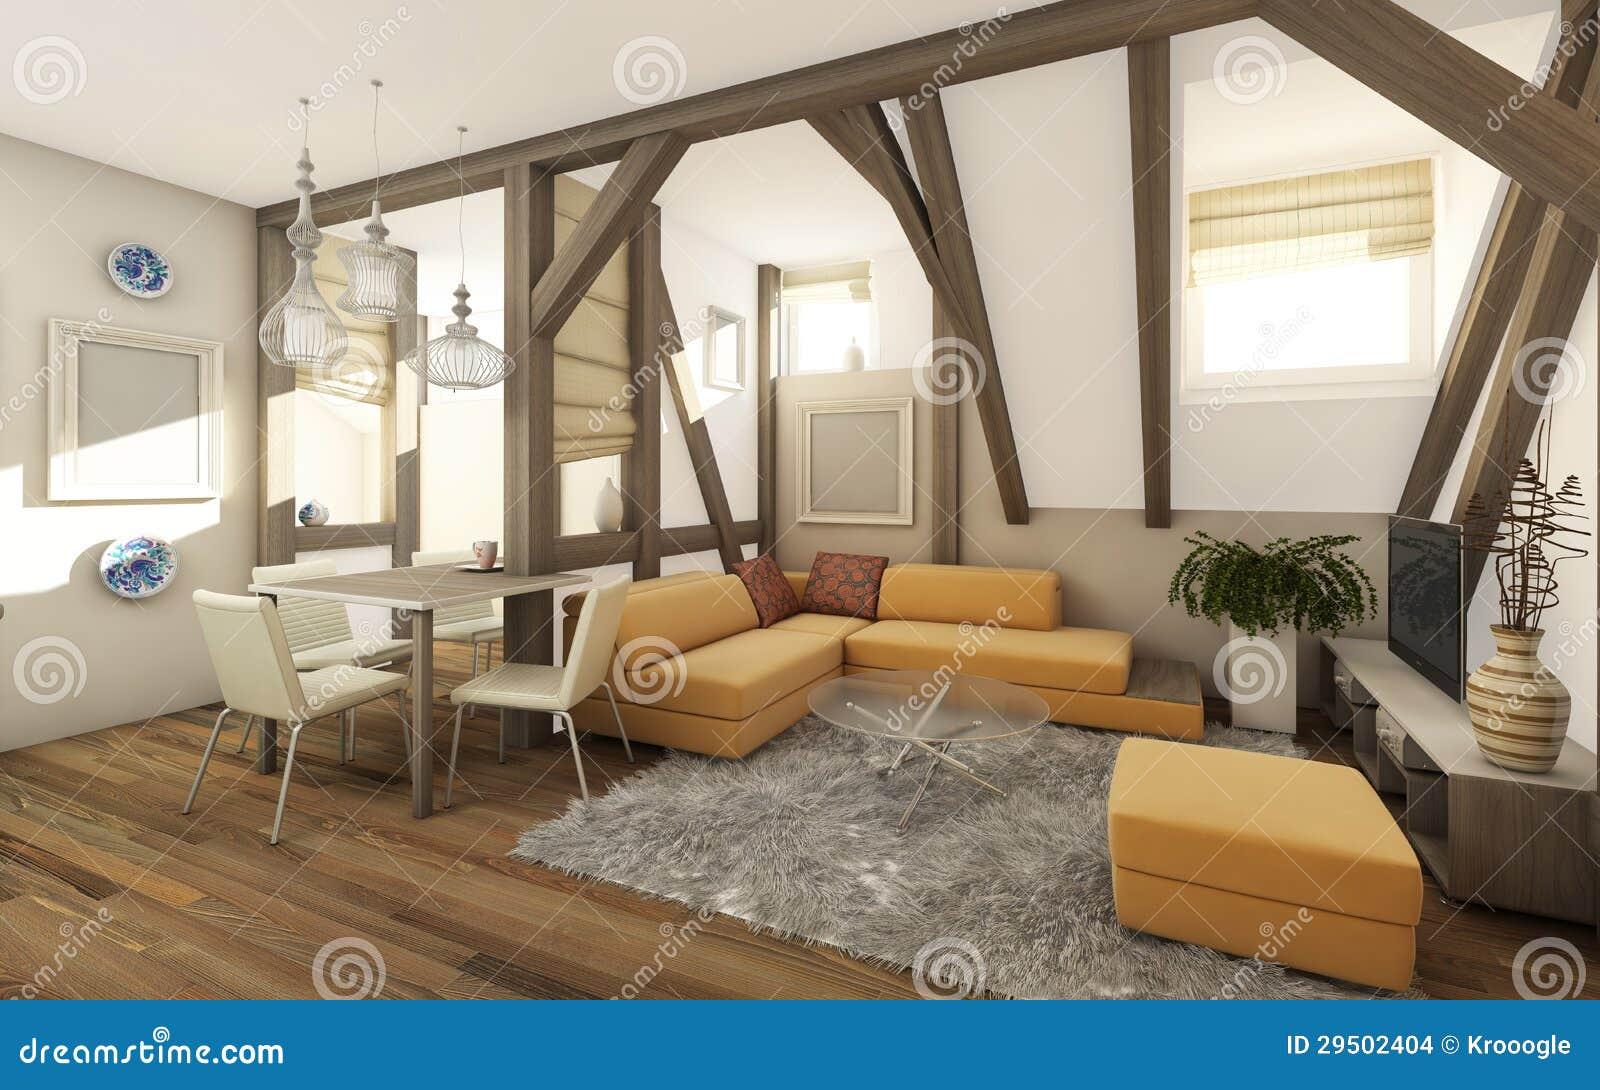 De zolder van de woonkamer stock afbeeldingen afbeelding 29502404 - Uitbreiding van de zolder ...